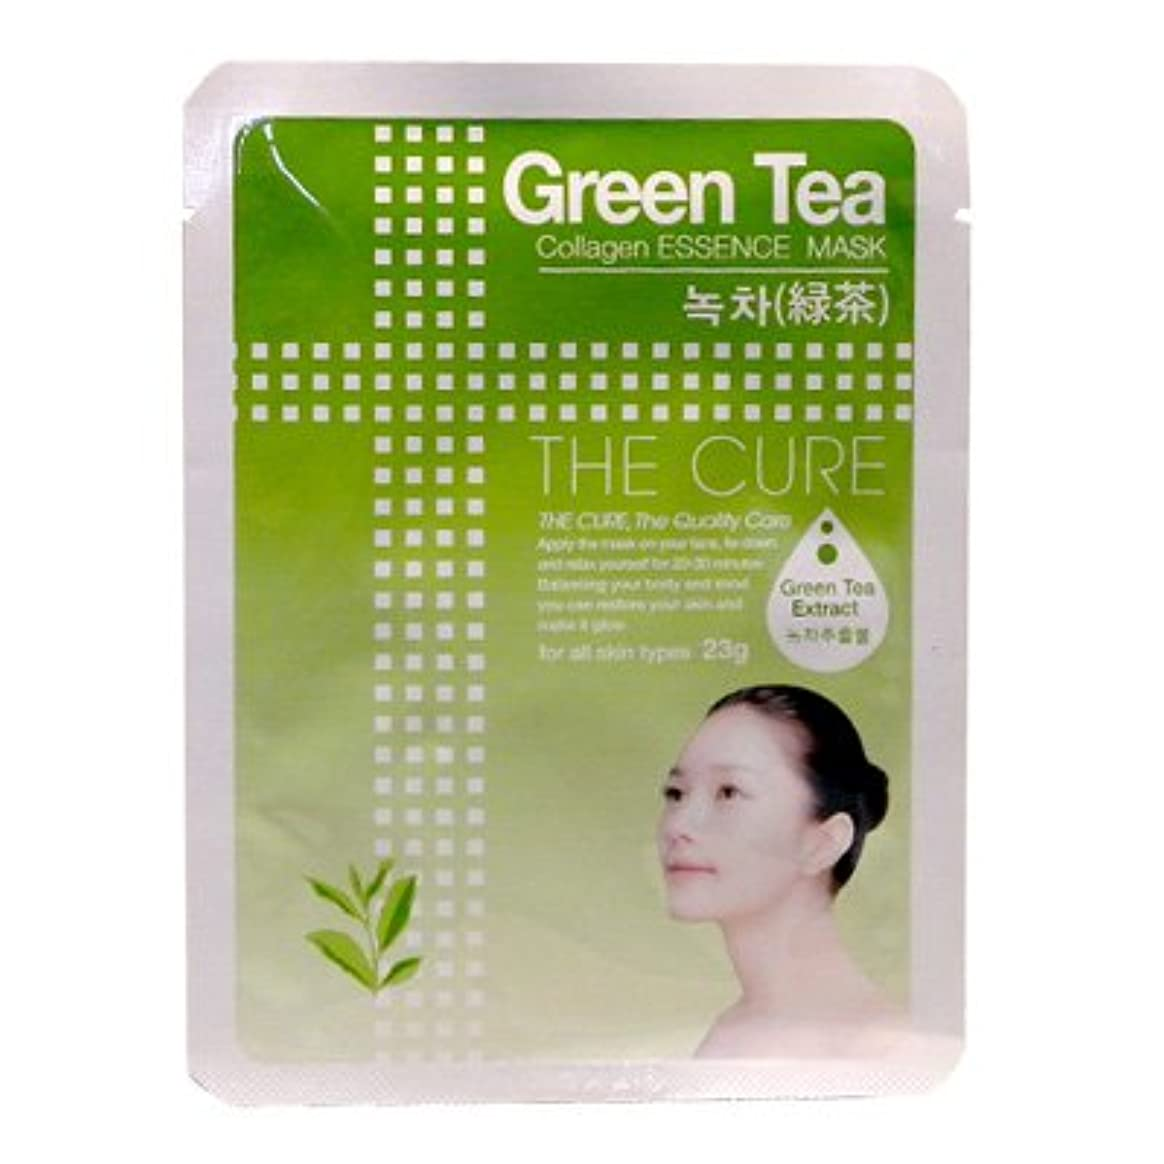 かんがい窒息させる前売CURE マスク シートパック 緑茶